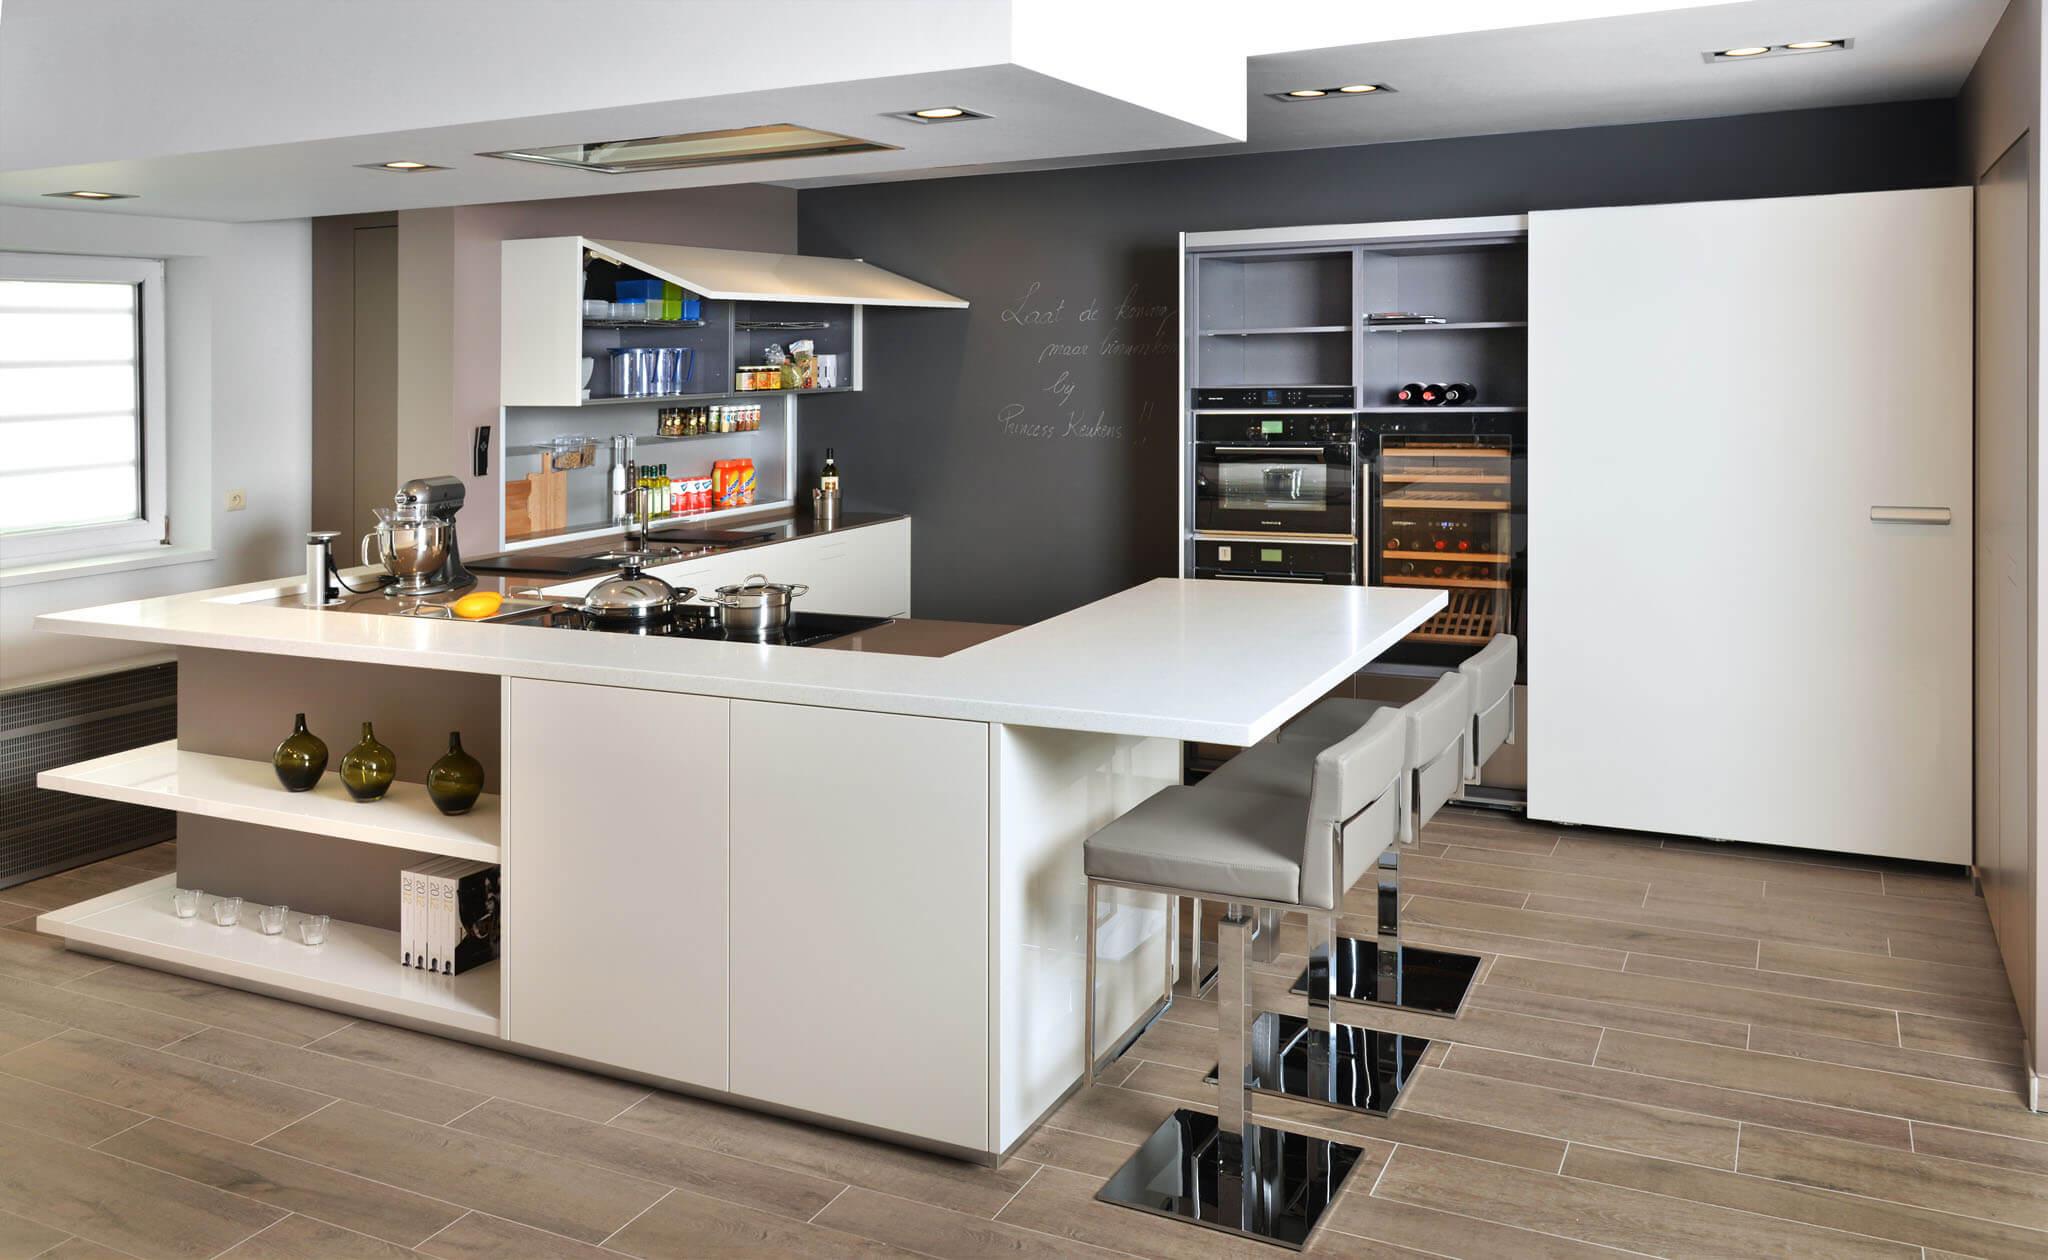 Keuken Wandkast 8 : Inbouwtoestellen keukens princess keukens limburg